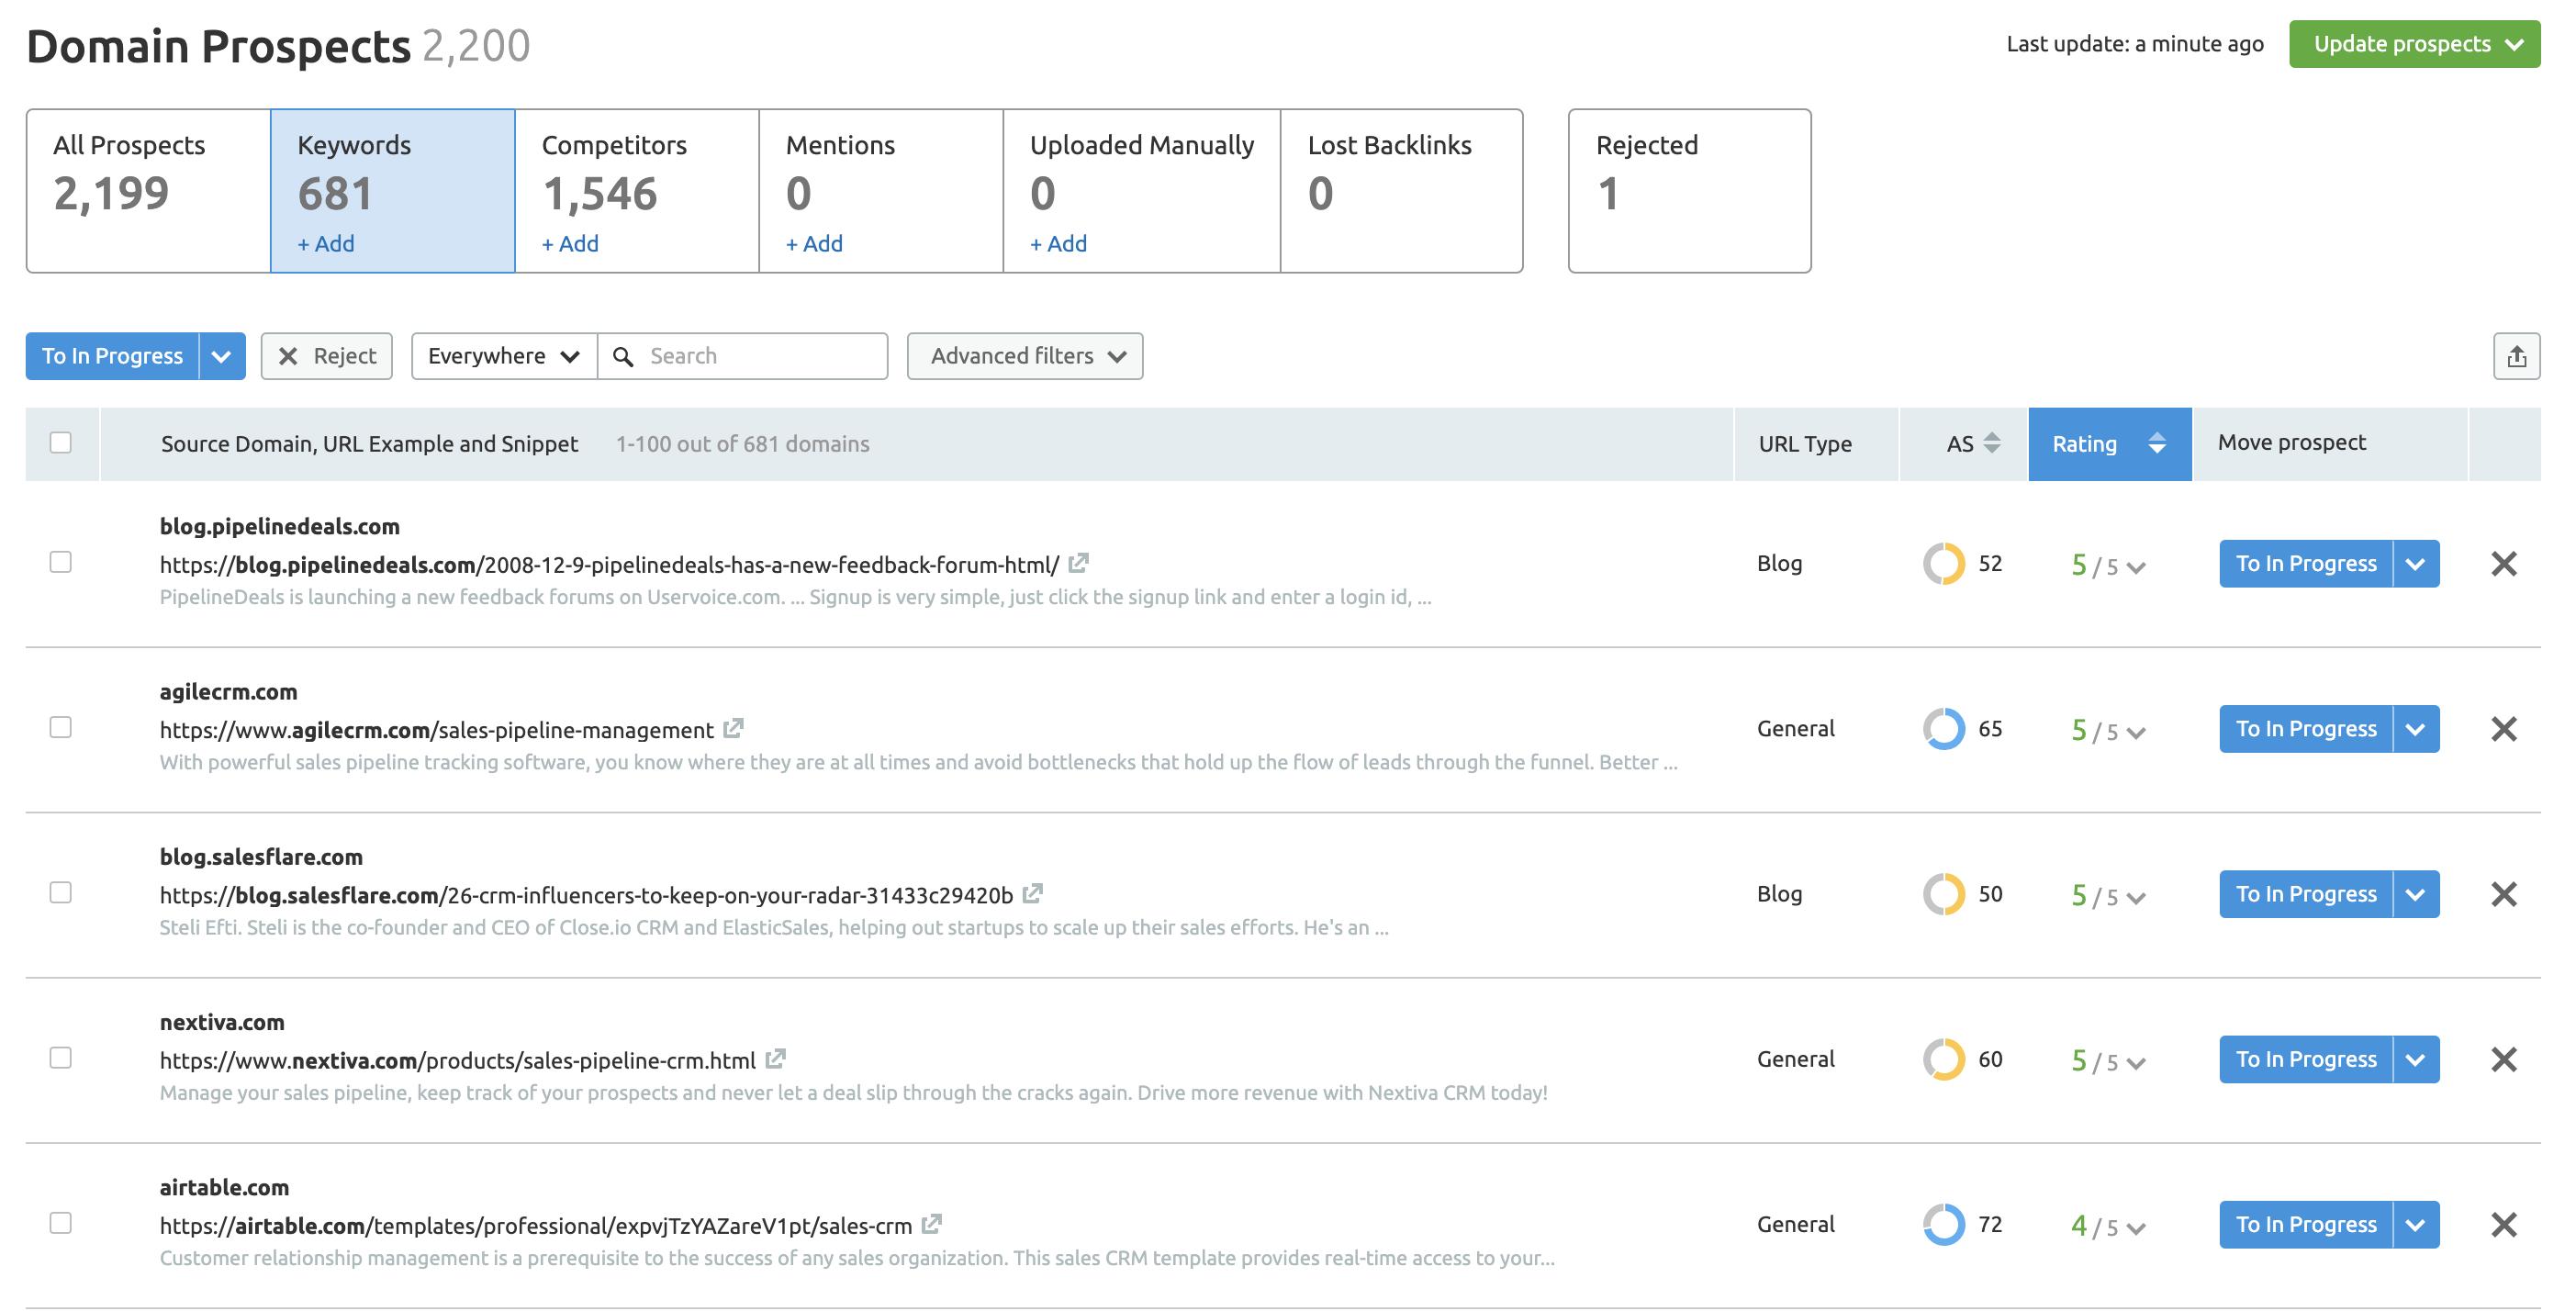 Semrush Link Building Tool screenshot